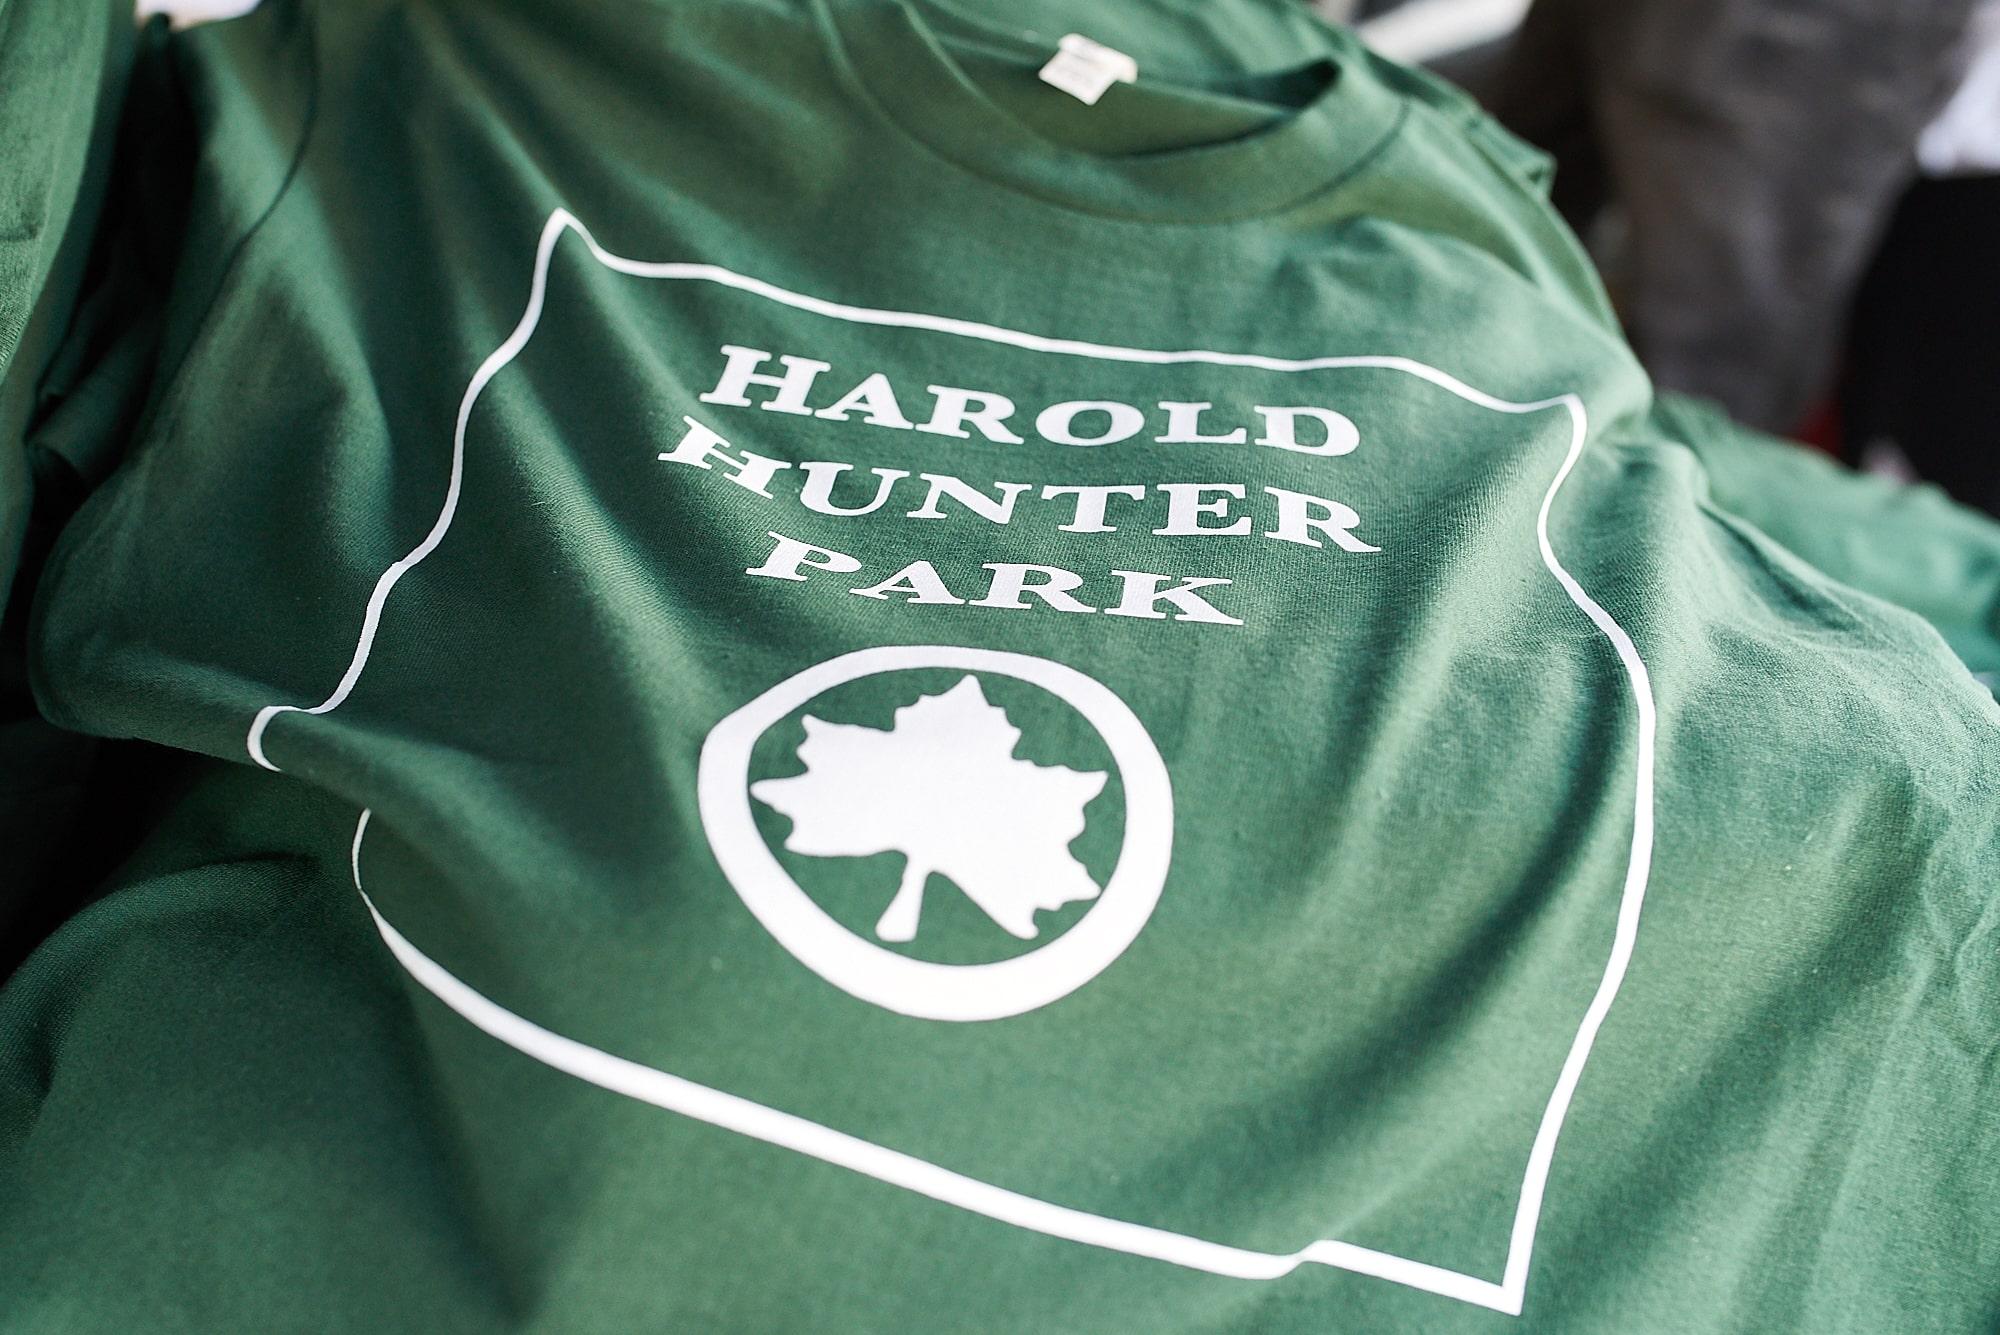 Harold Hunter Day - Shirts Green